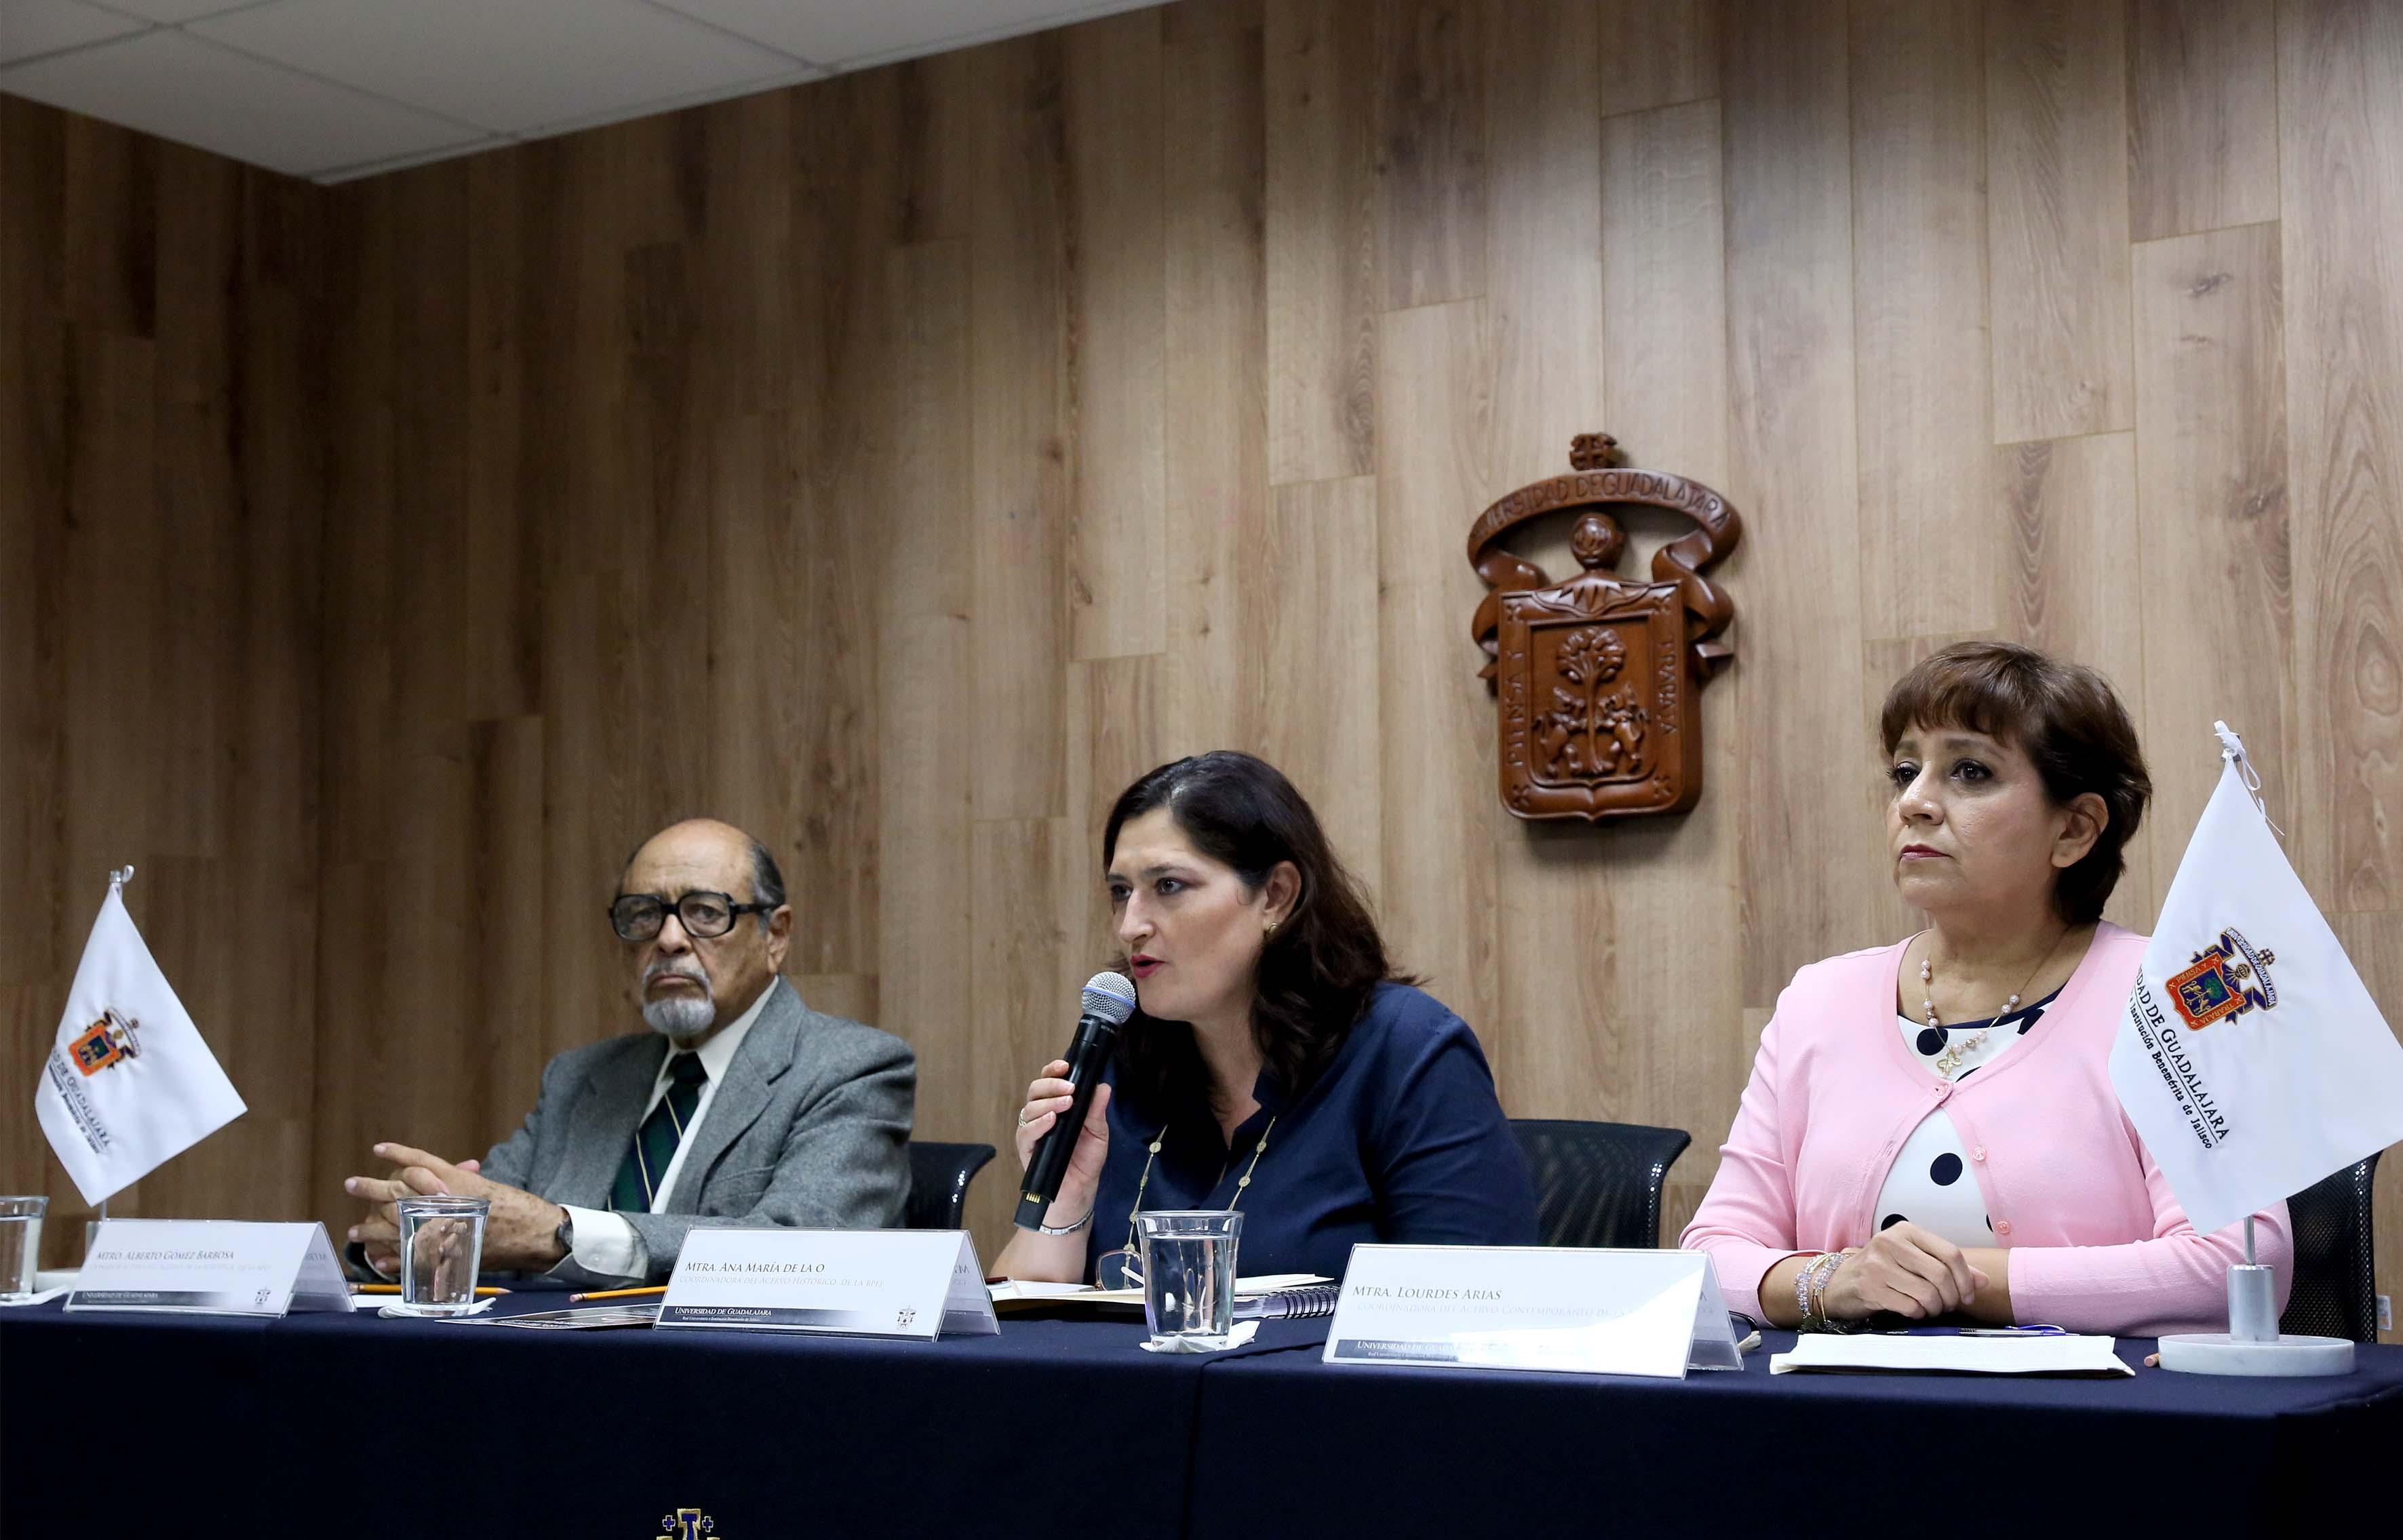 Rueda de prensa para anunciar la fecha de inauguración de la fototeca de Jalisco en la BPEJ